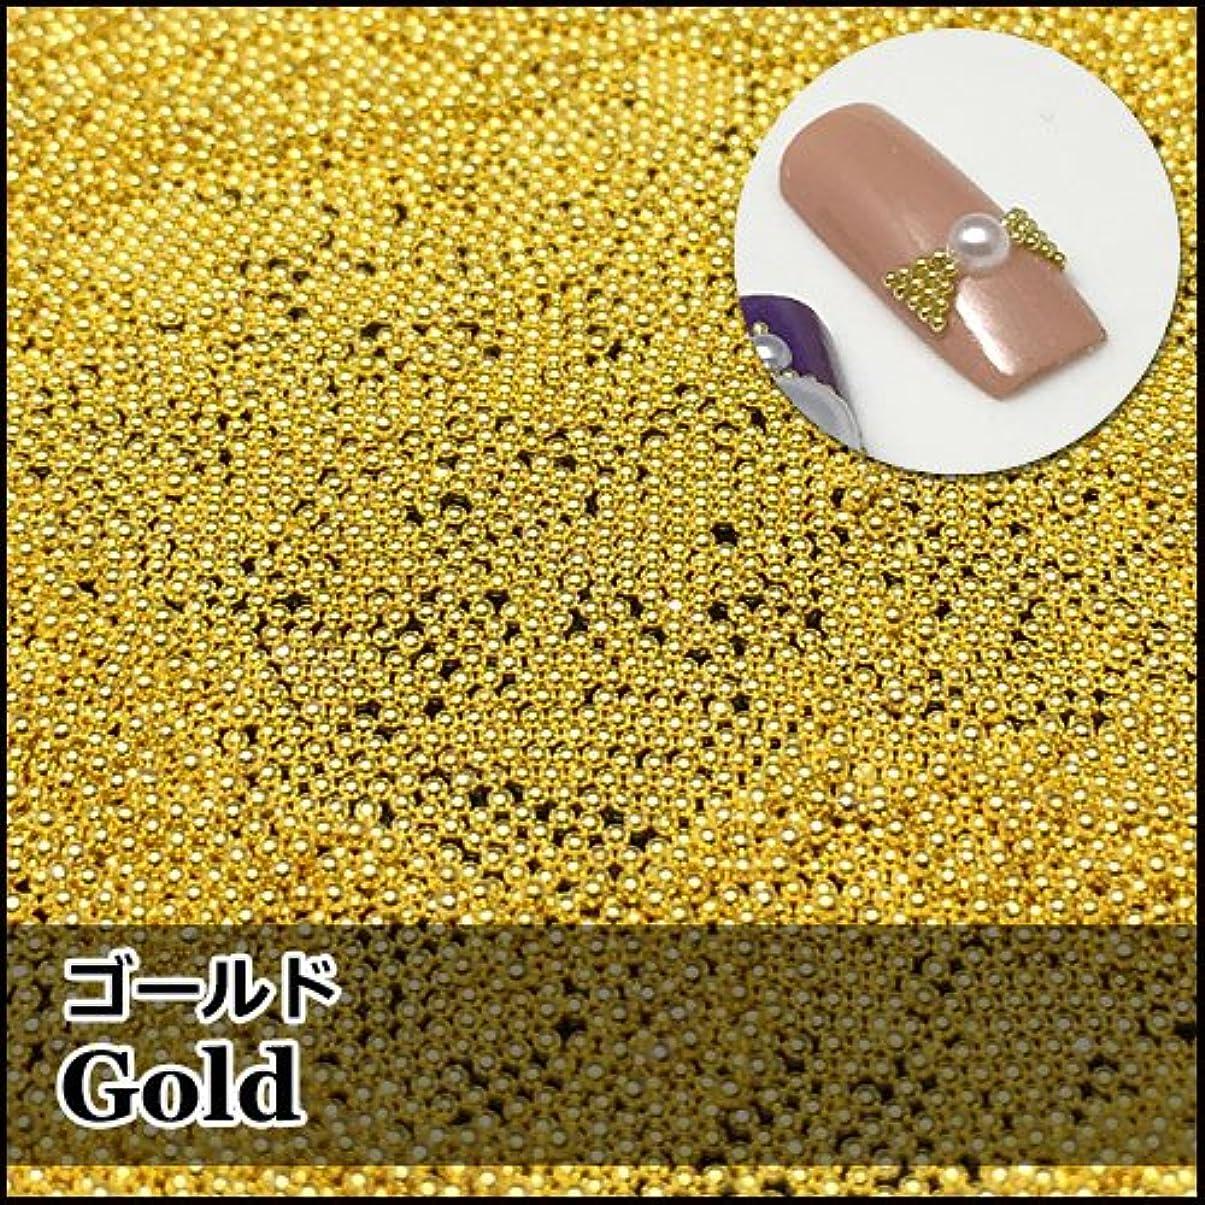 複製装備する兵士メタリックブリオン「ゴールド」1mm×3g入り(約600粒) [並行輸入品]